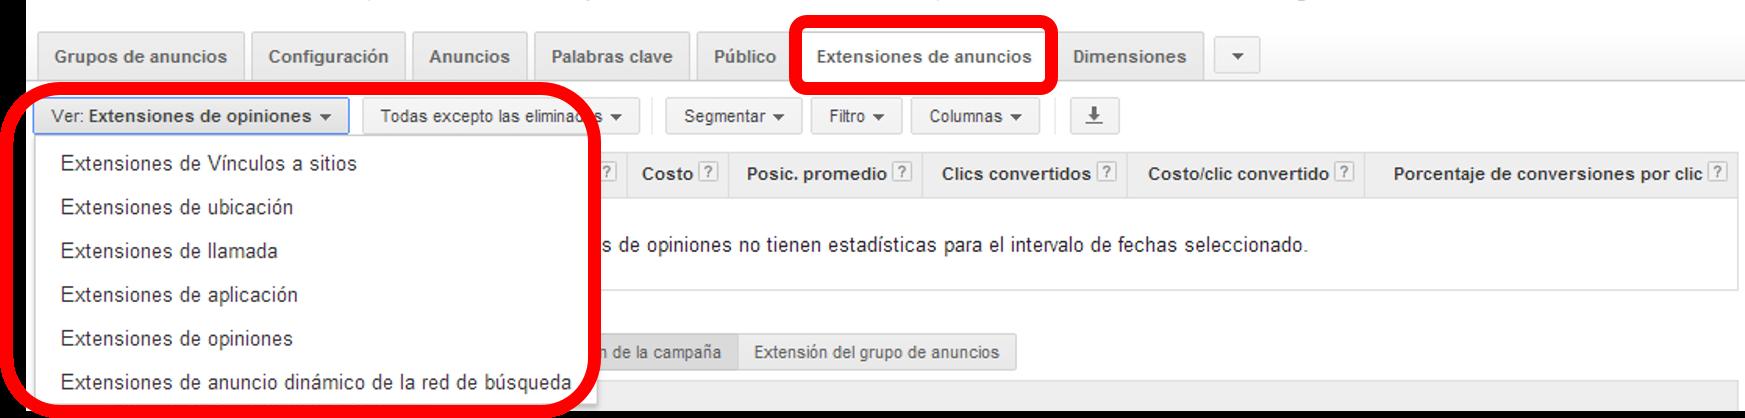 Ver tipos de Extensions de Anuncios de Google AdWords